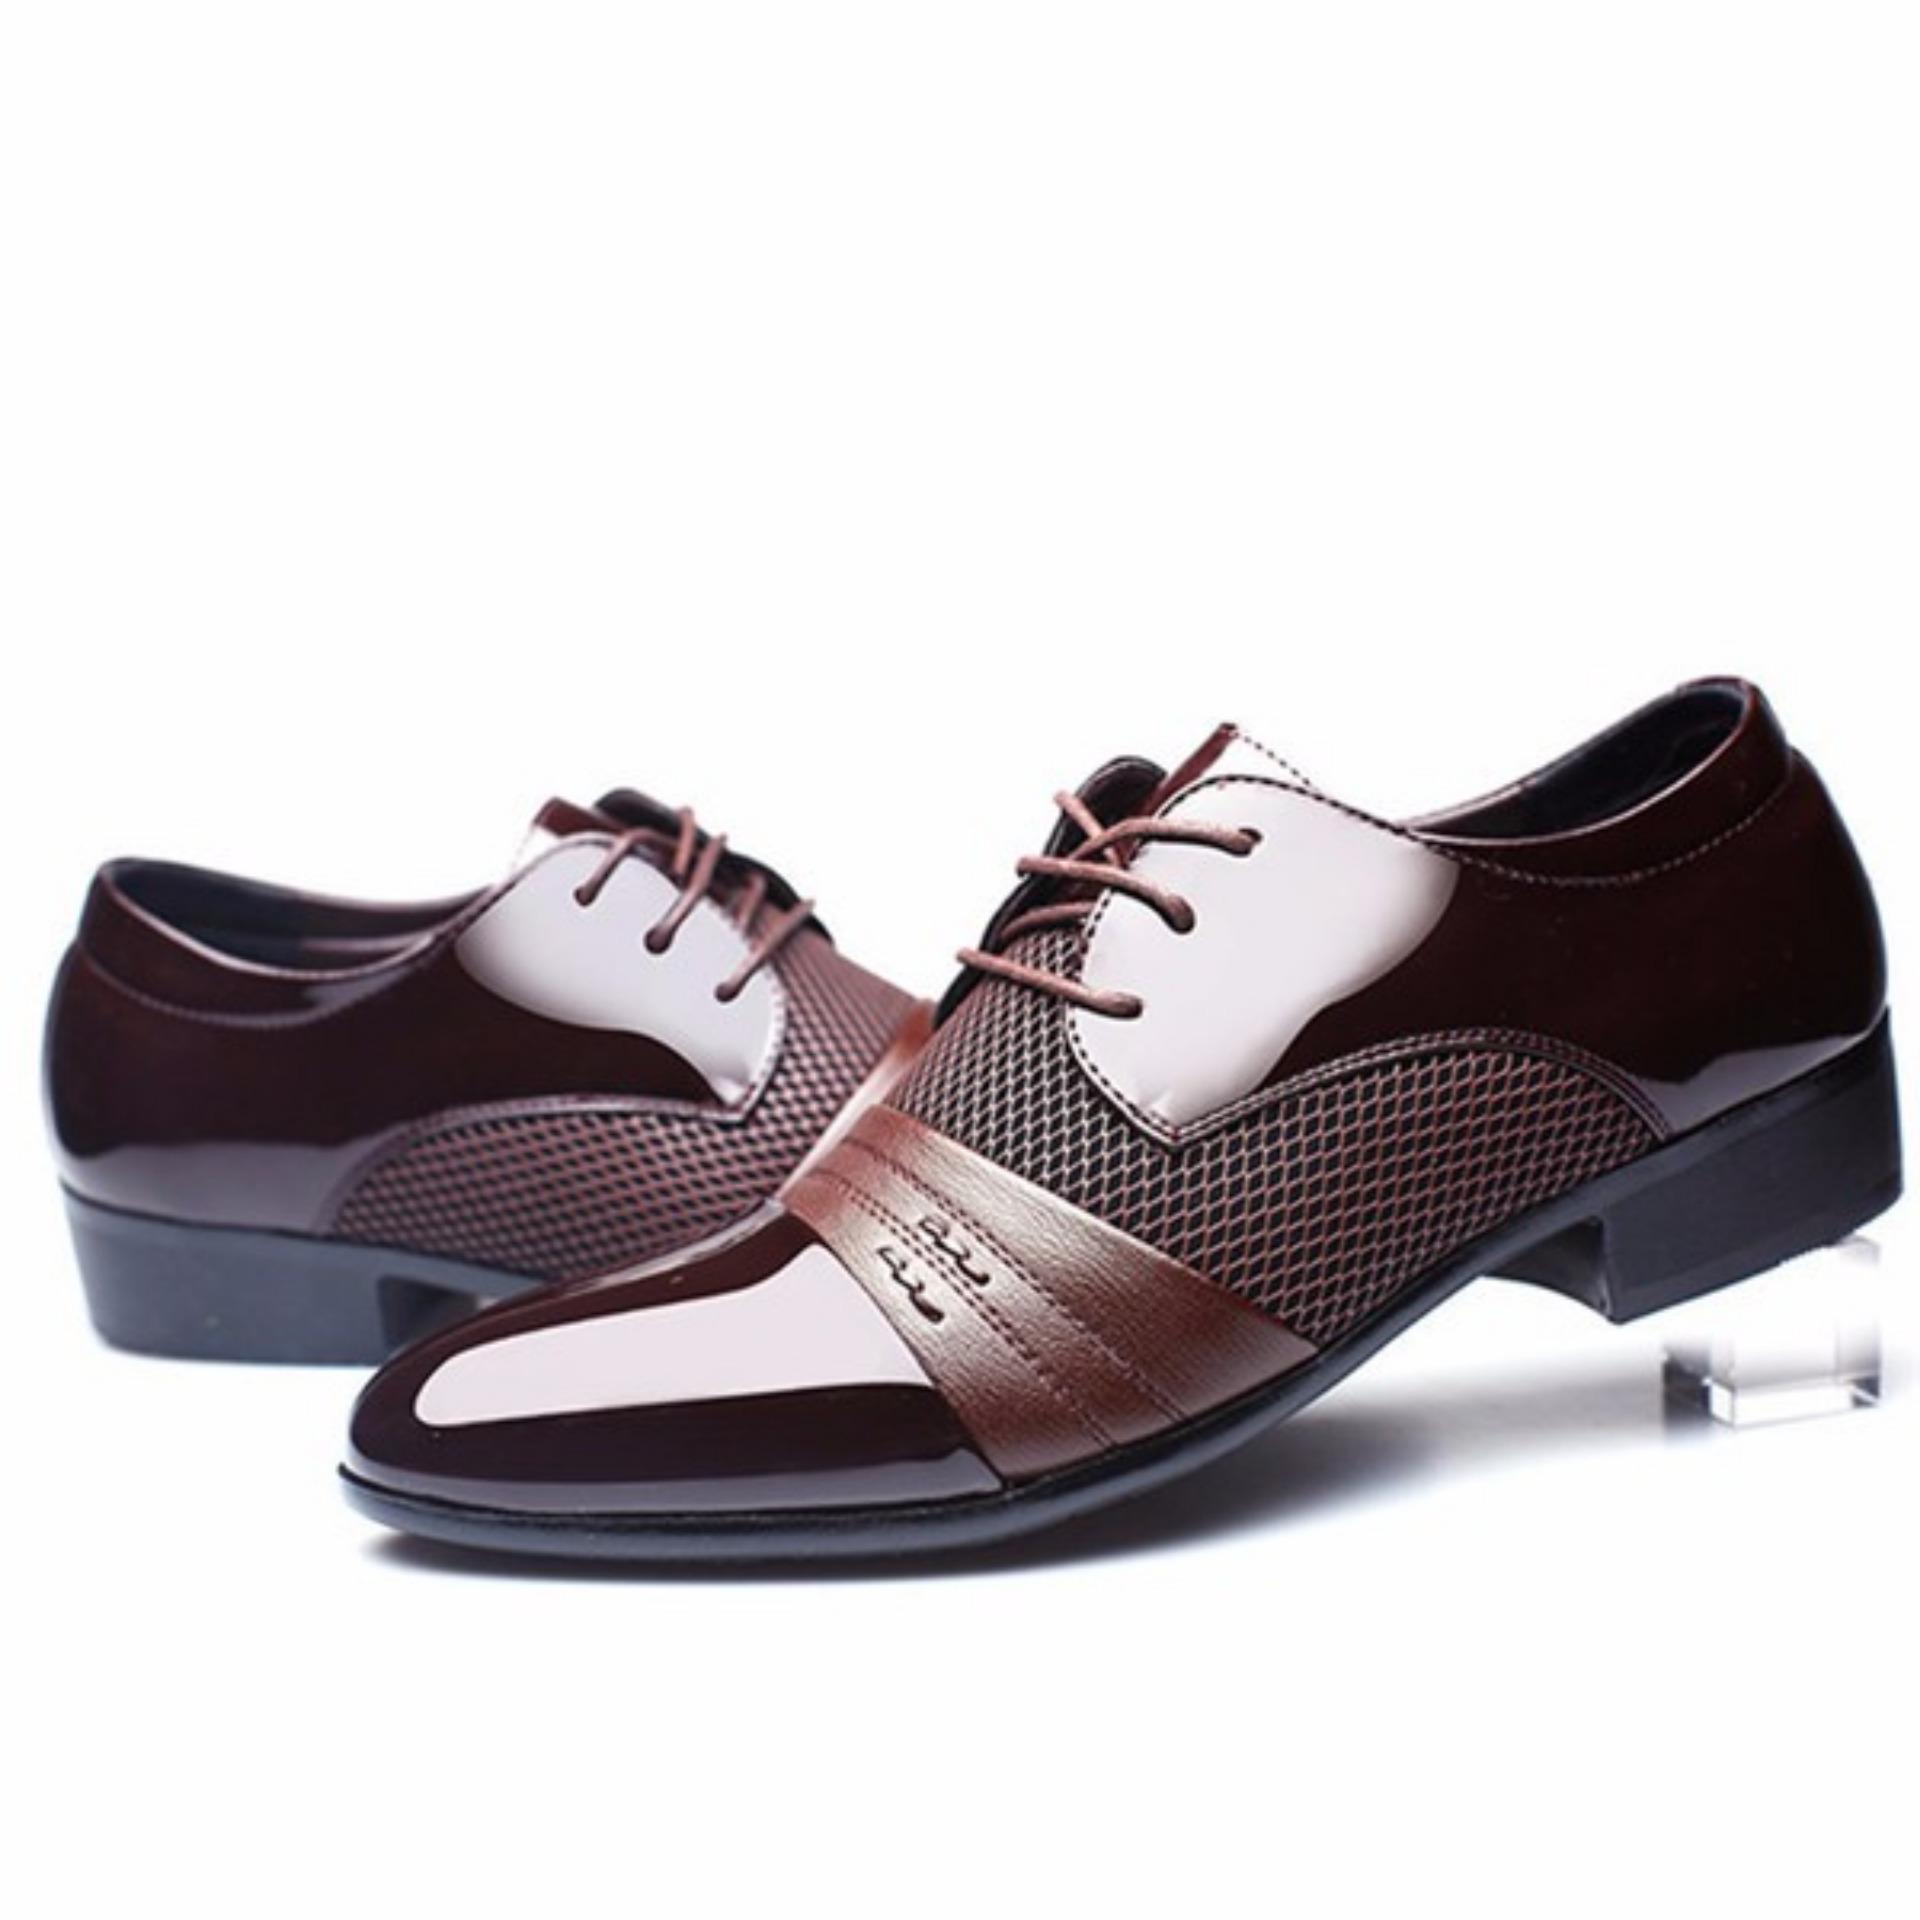 ... New gaun formal pria sepatu kulit asli Sepatu Casual Business berjabat gaun kasual Brown -Intl ...